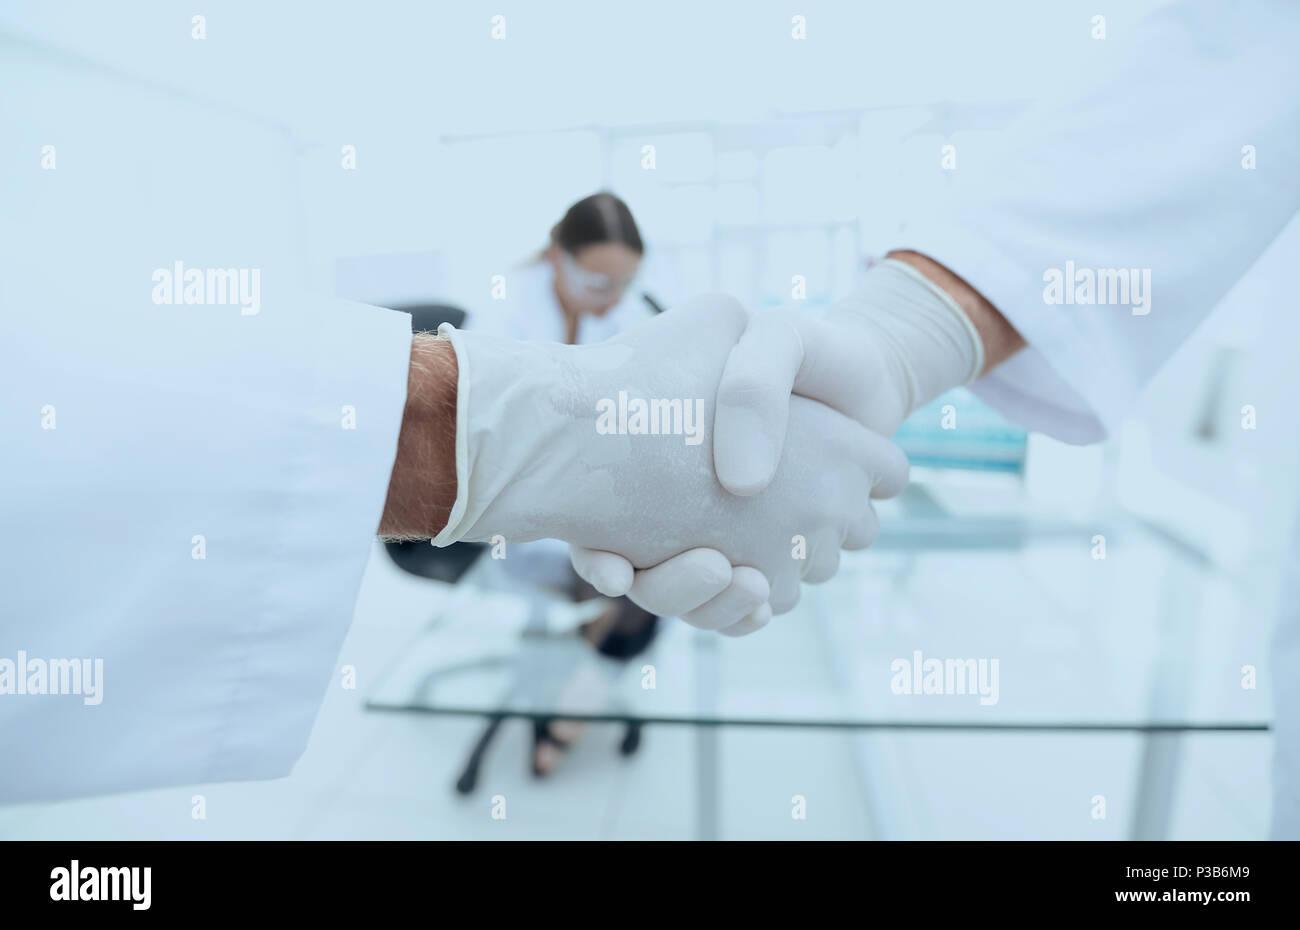 Les médecins en sarrau chaque message d'autres avec handshake Banque D'Images